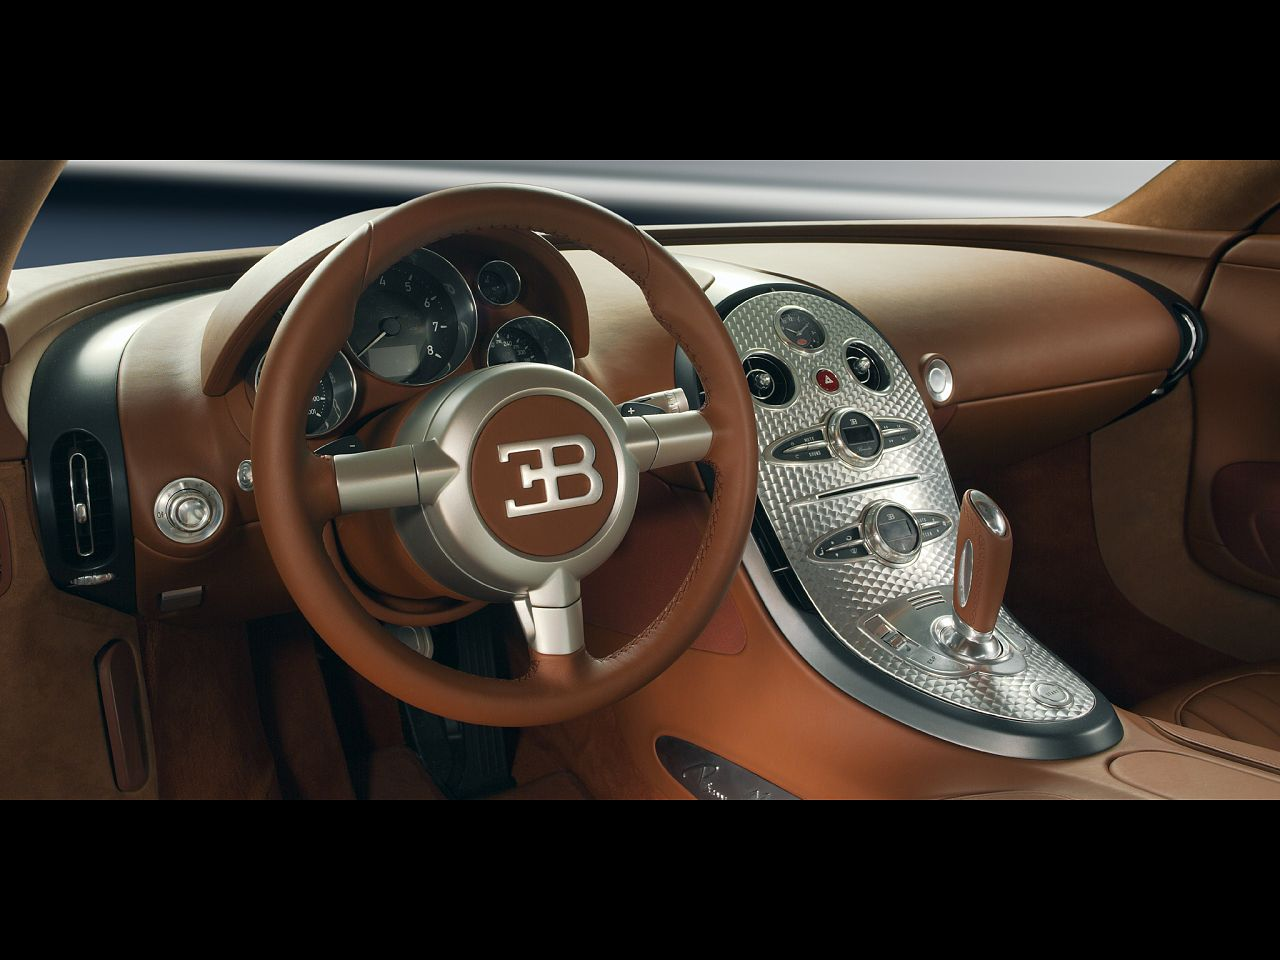 2005 Bugatti Veyron 16.4 Picture